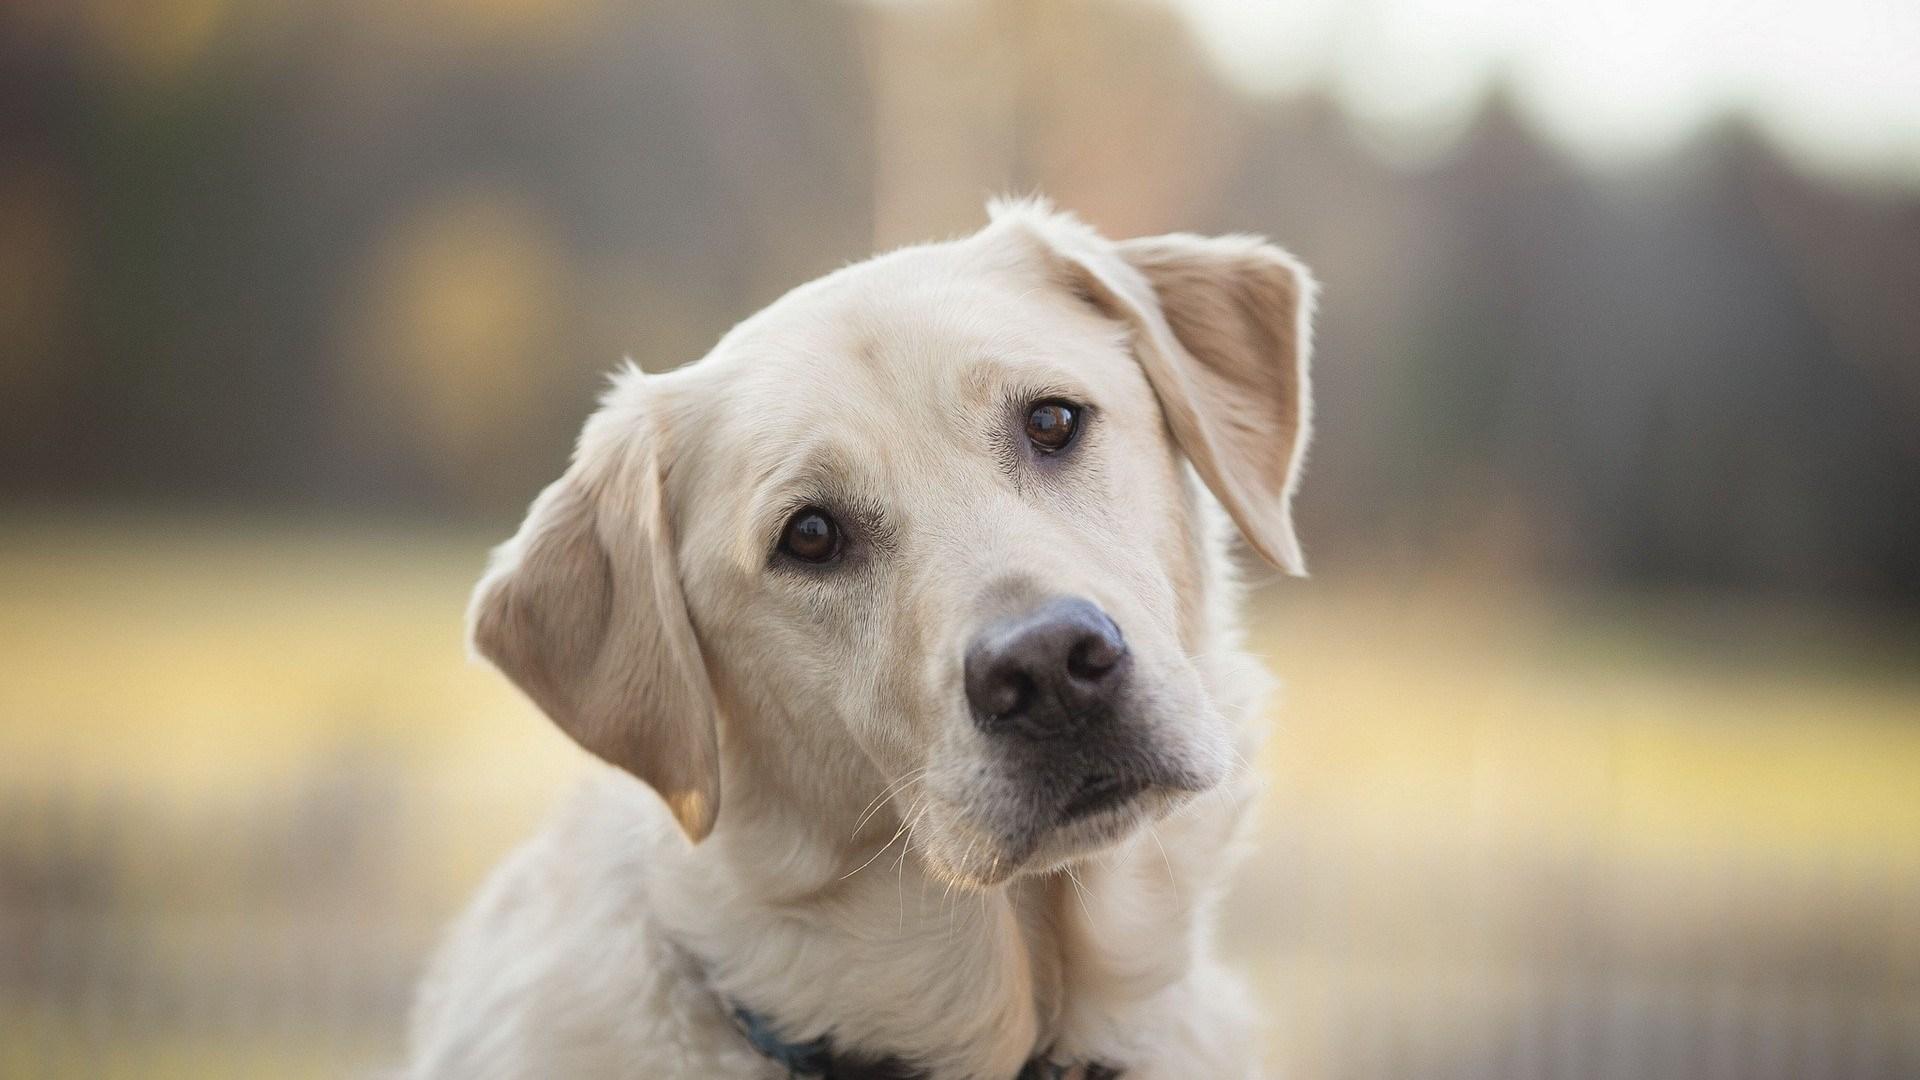 Images of Labrador Retriever | 1920x1080